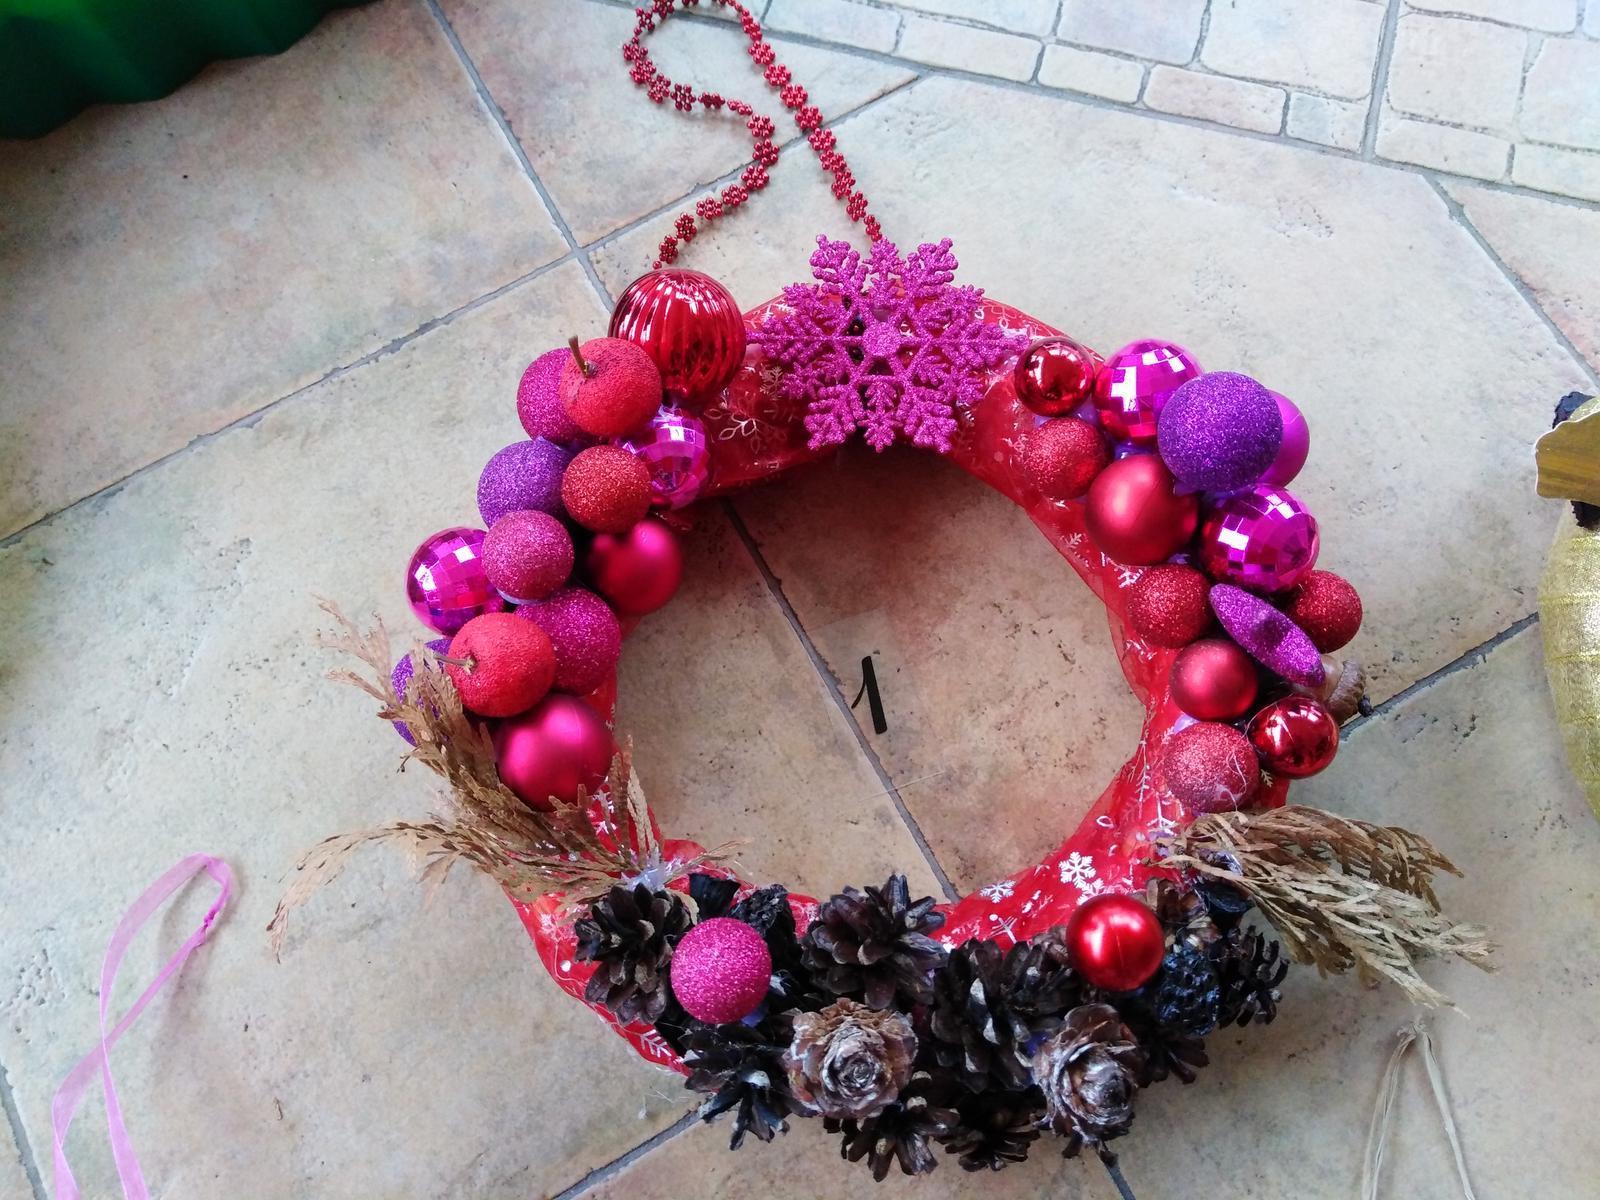 vianočne dekorácie  - Obrázok č. 1